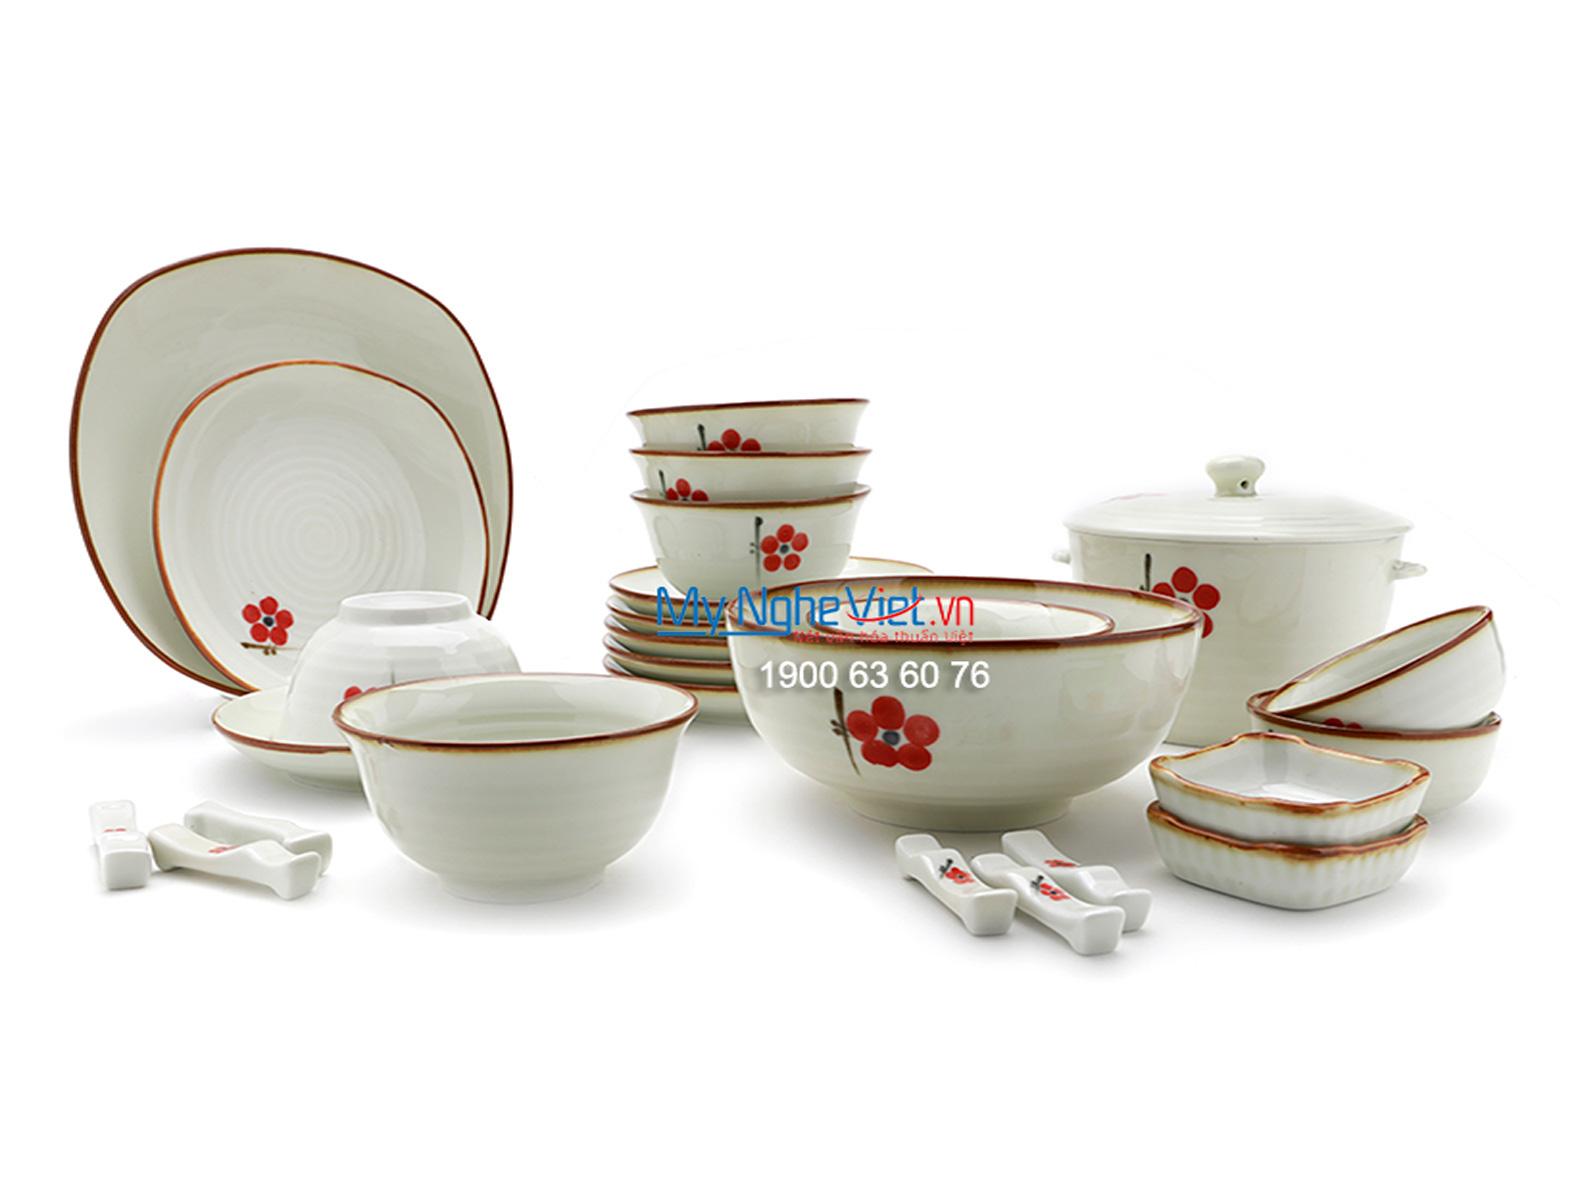 Bộ chén dĩa bàn ăn men trắng kem vẽ hoa đào đỏ 6 người  MNV-BBA01-7